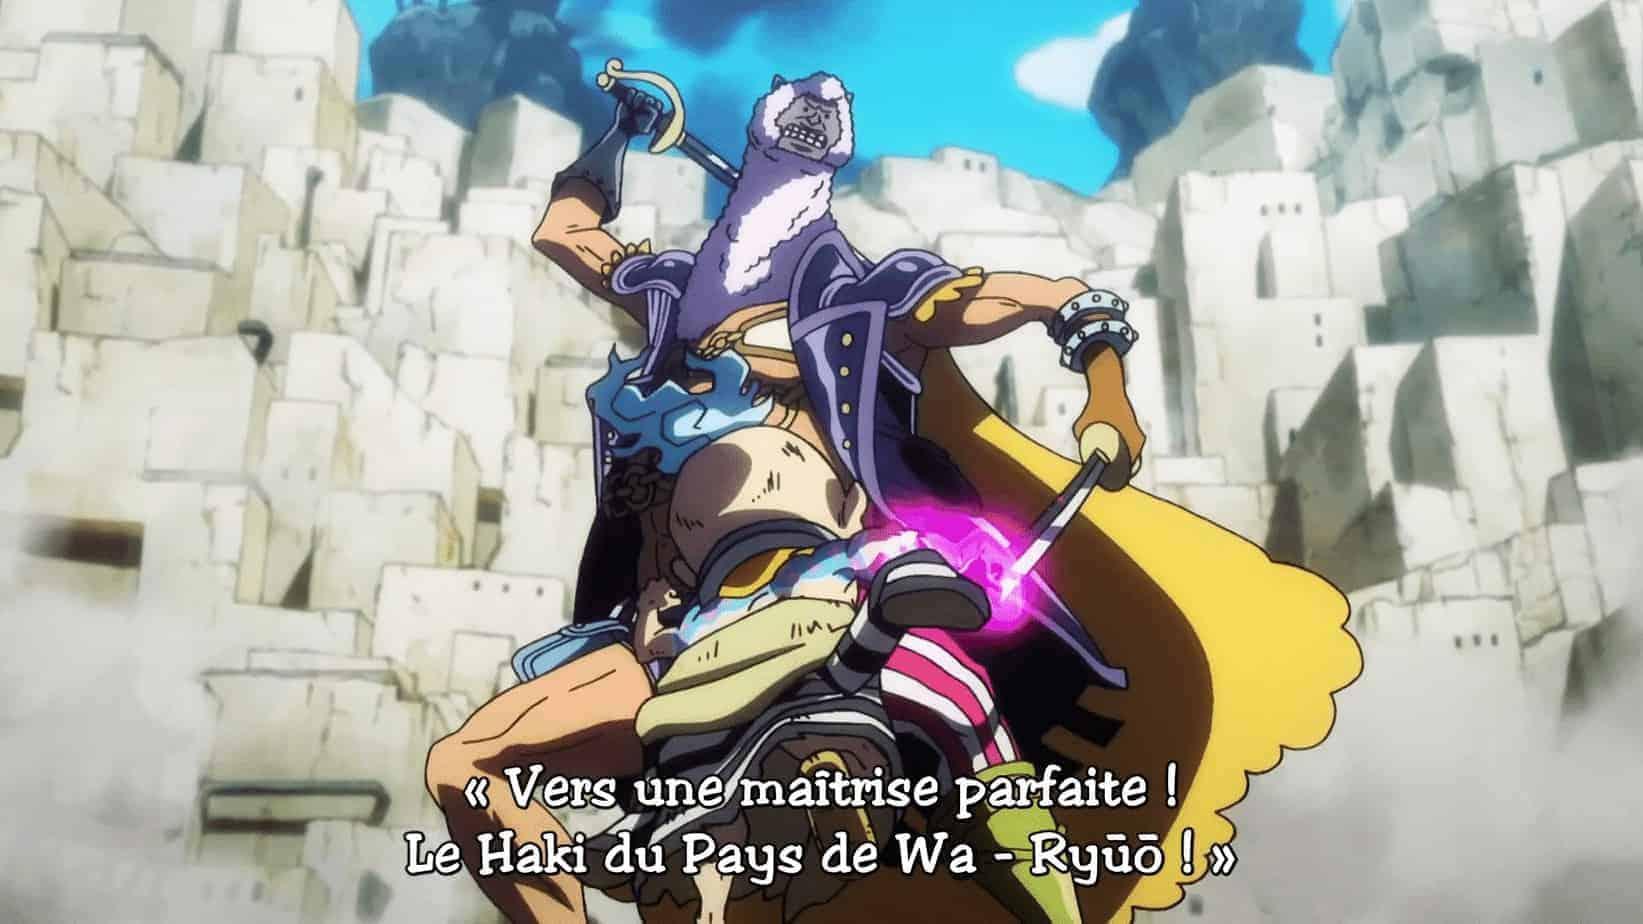 One piece 936 vostfr - Vers La Maîtrise parfaite le Haki du Pays du Wa-Ryūō ! 1